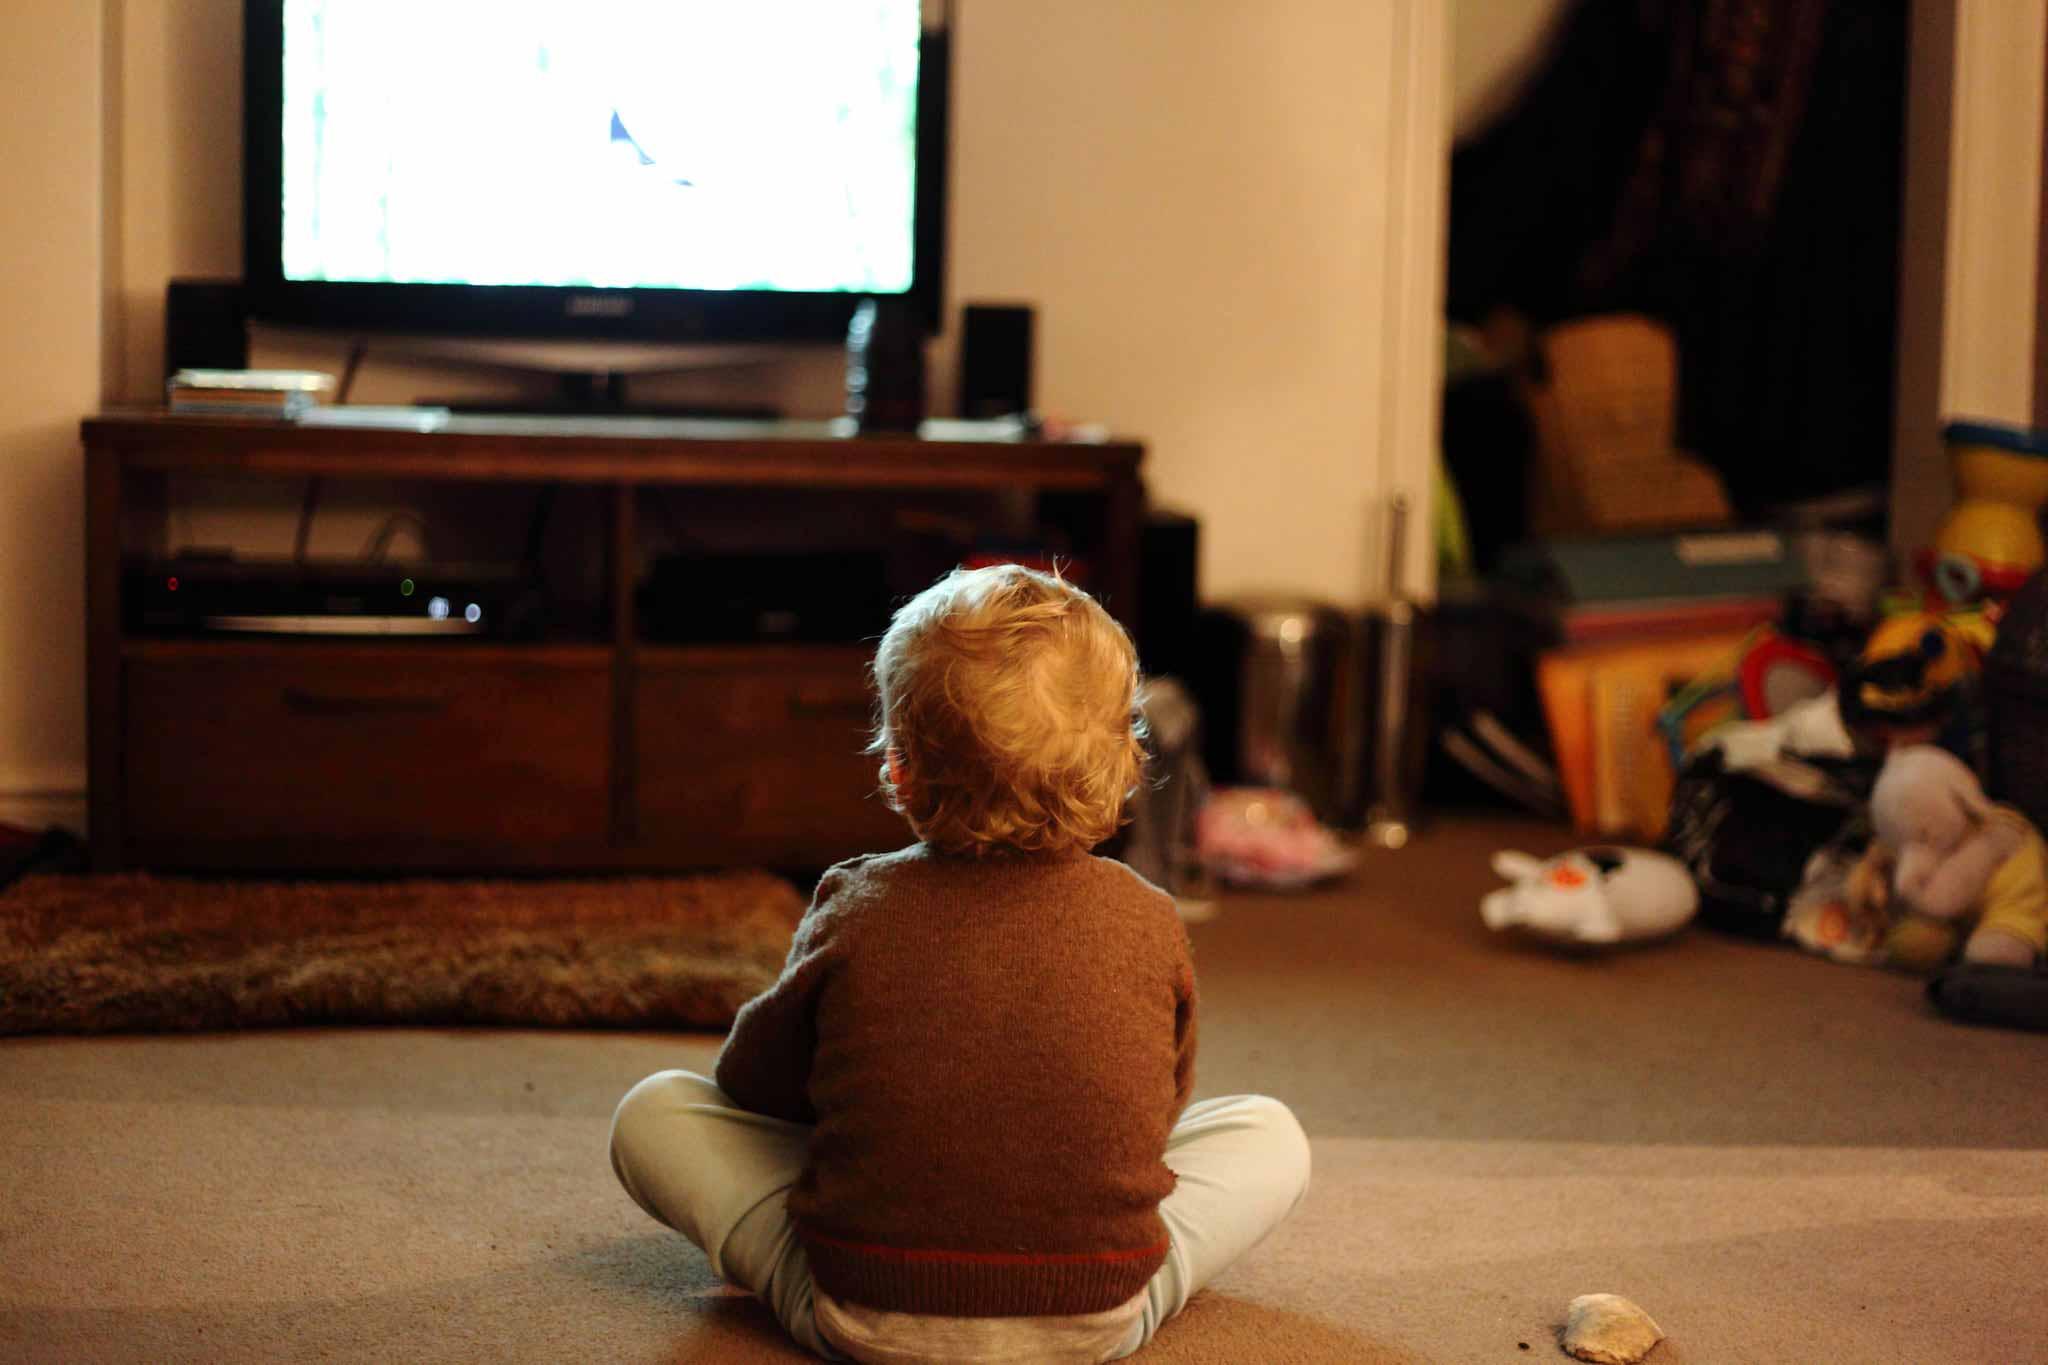 Os piores personagens infantis já inventados na TV - SKY TV